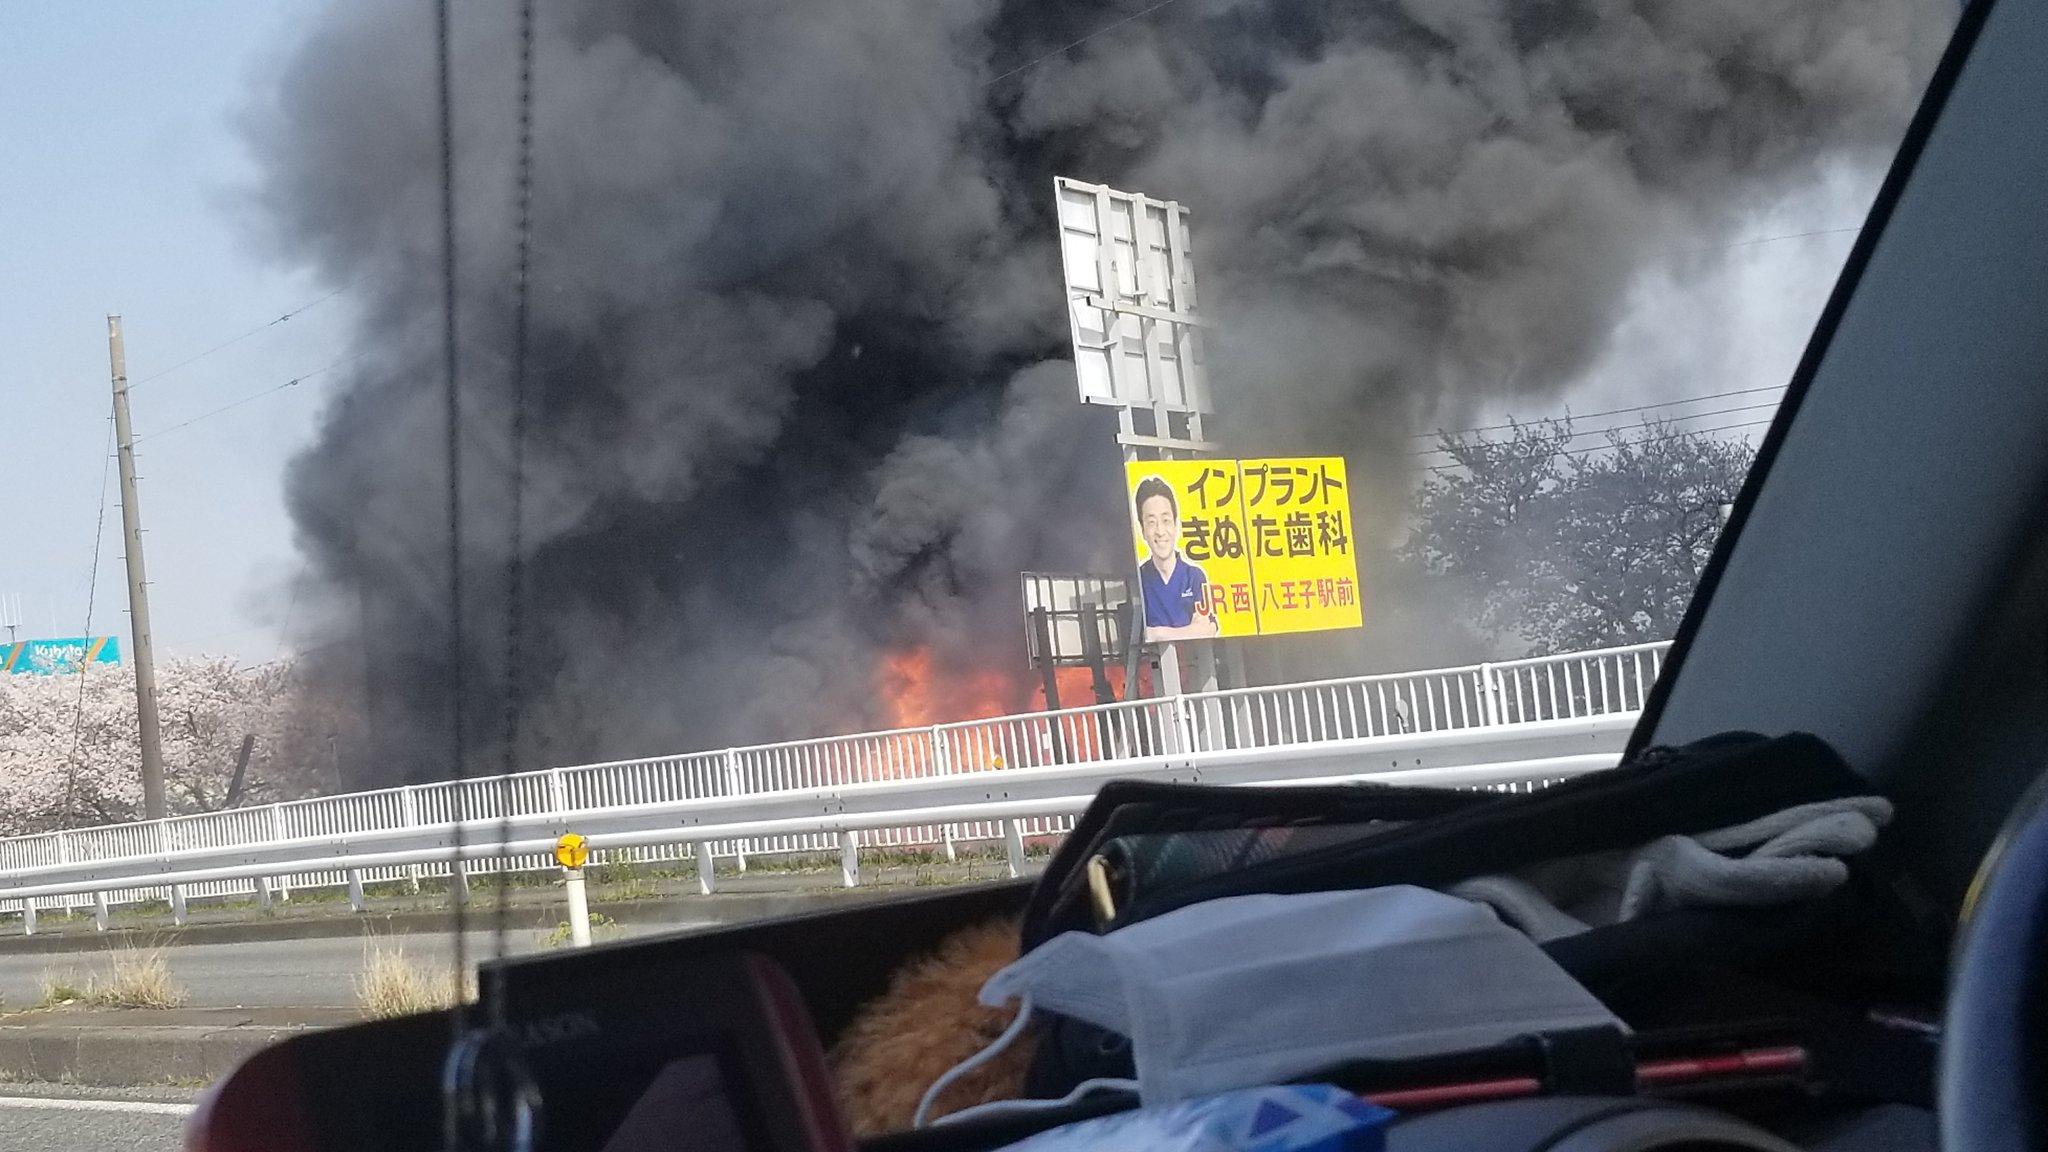 川越市で大量の黒煙を上げる火事がの現場画像